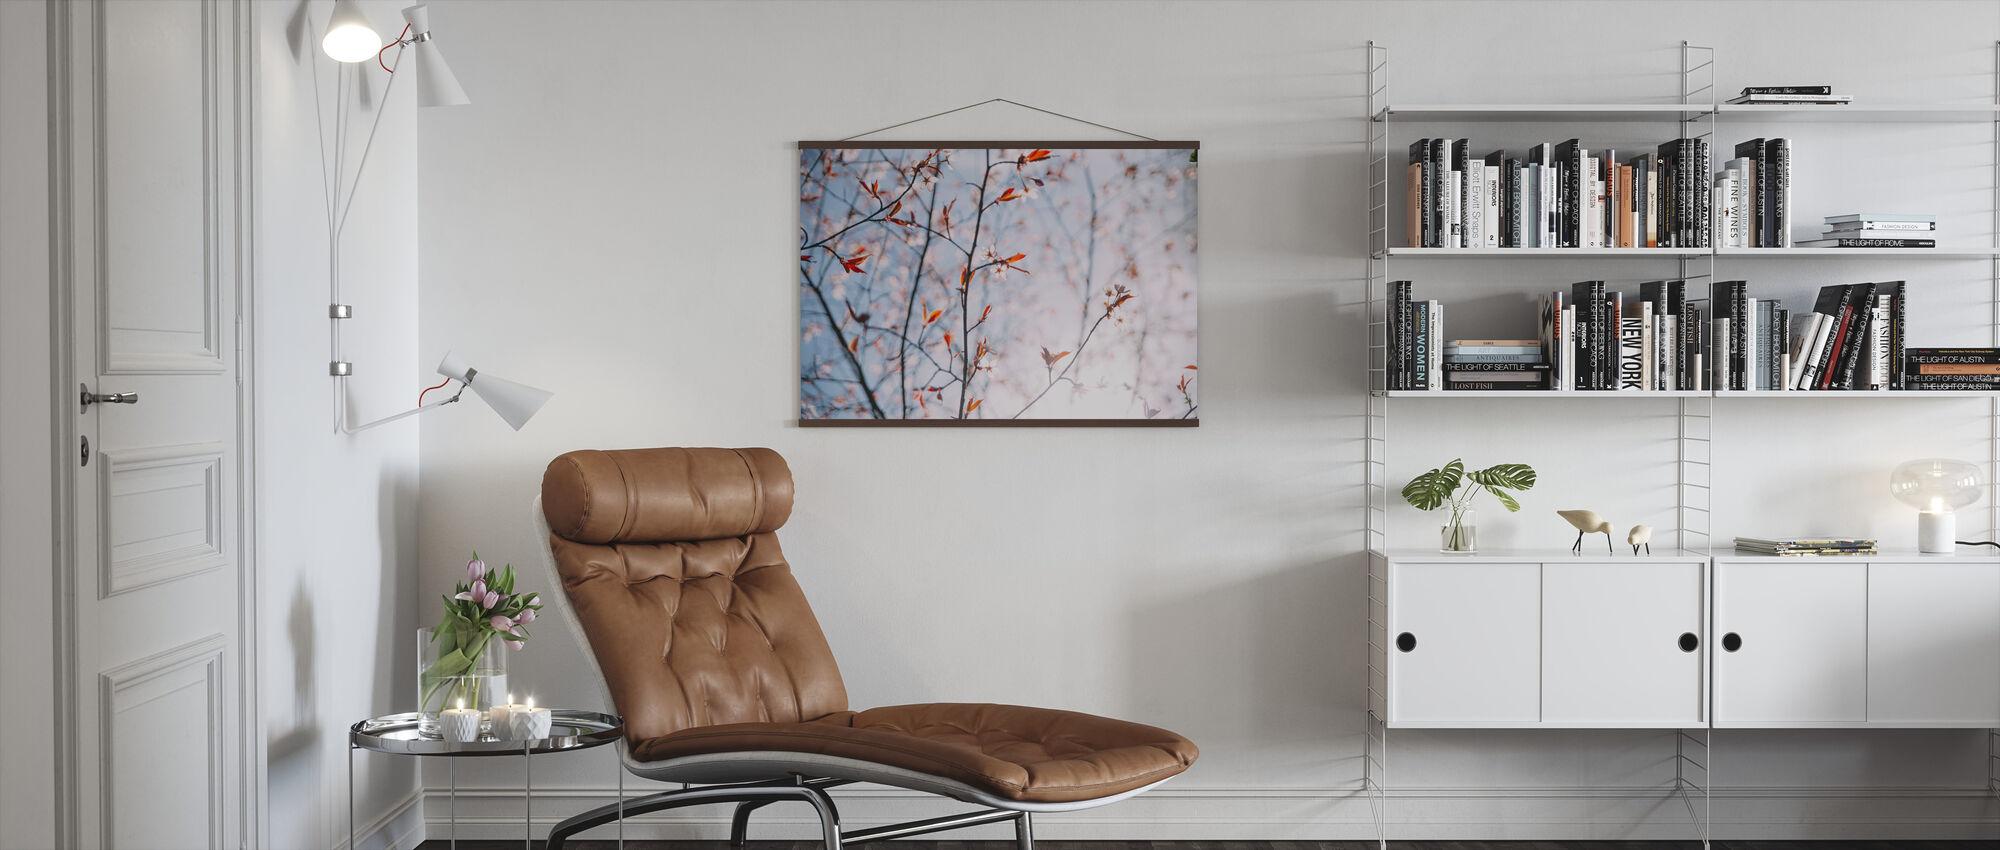 Nordic Light Cherry Blossom - Poster - Living Room